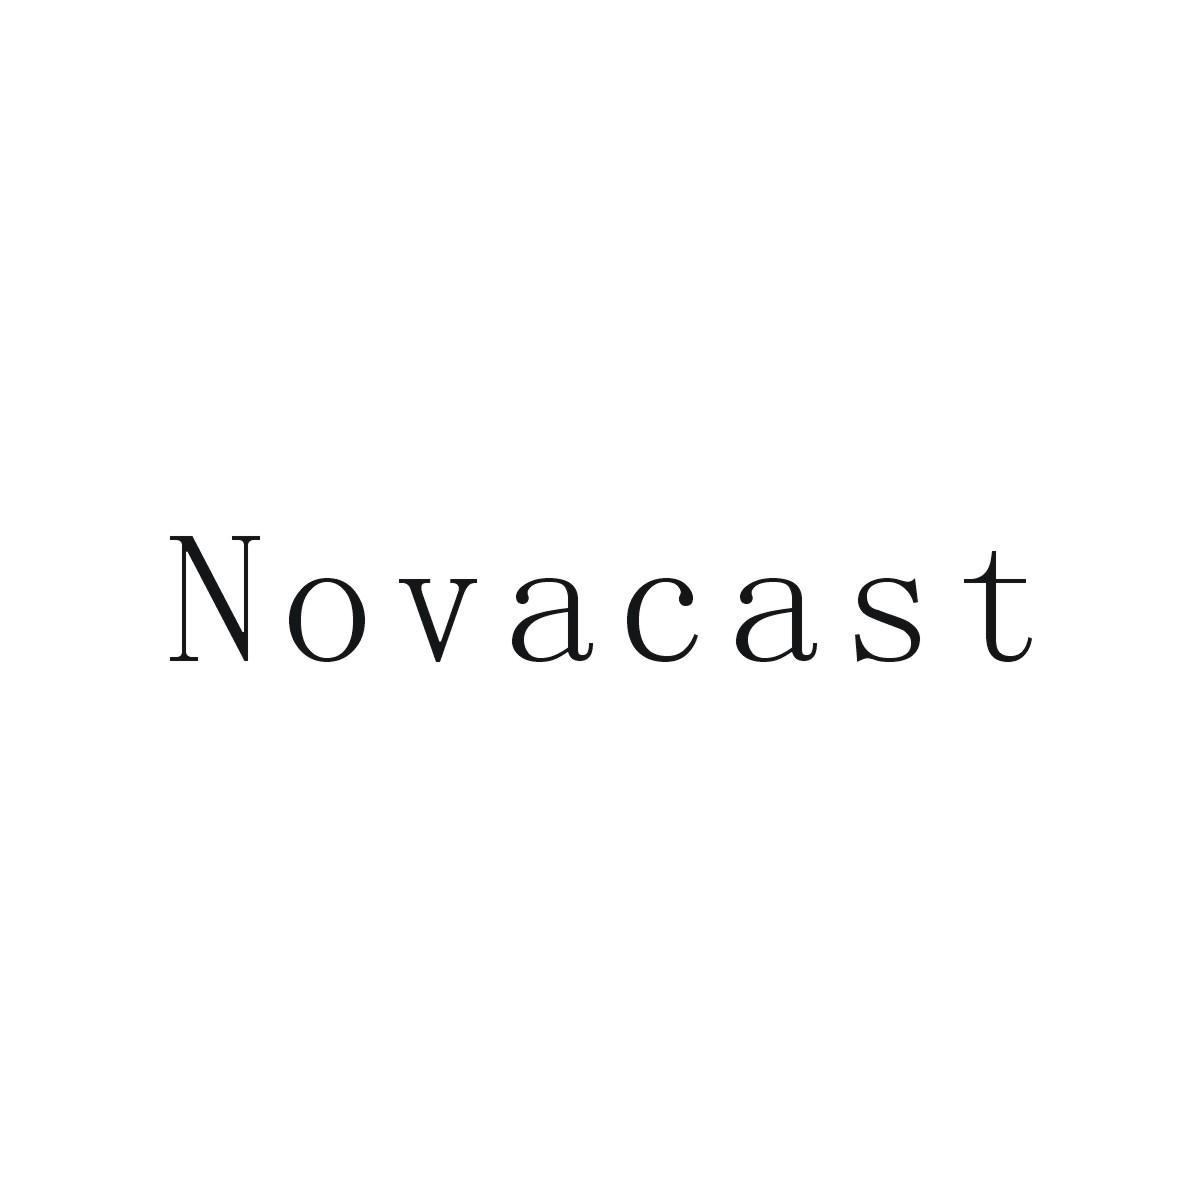 NOVACAST